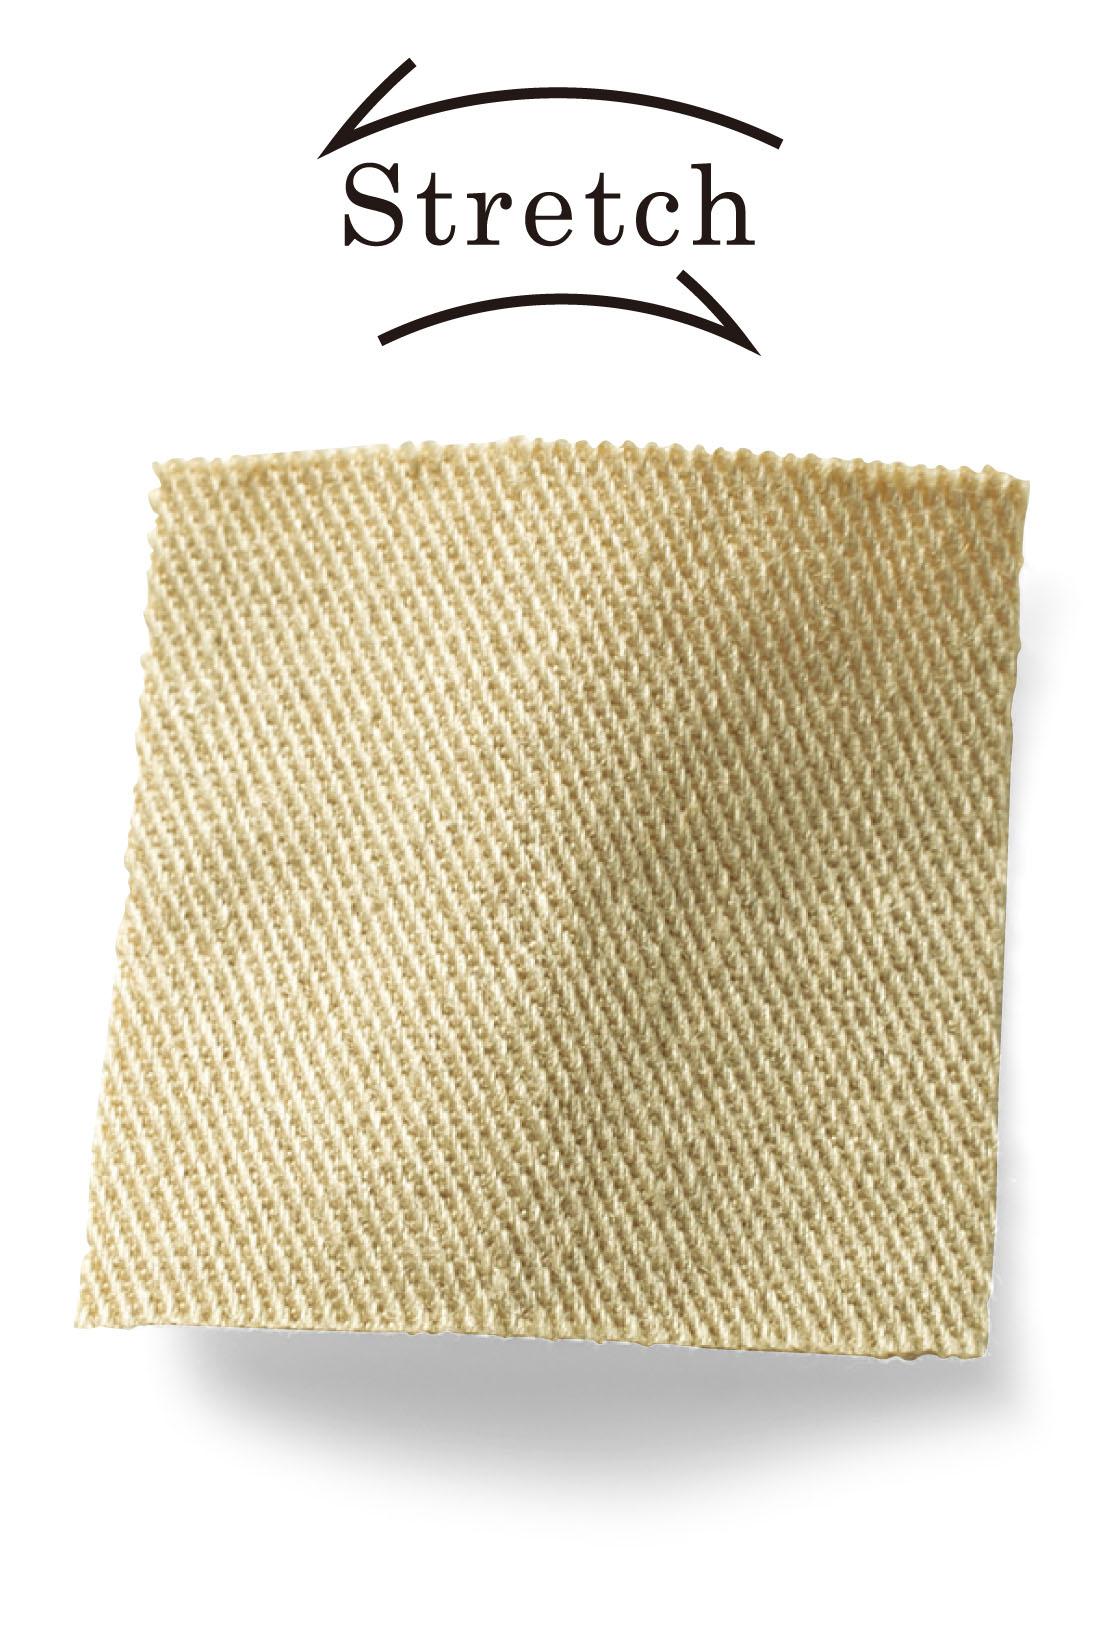 綿混ストレッチ素材で一年中快適。